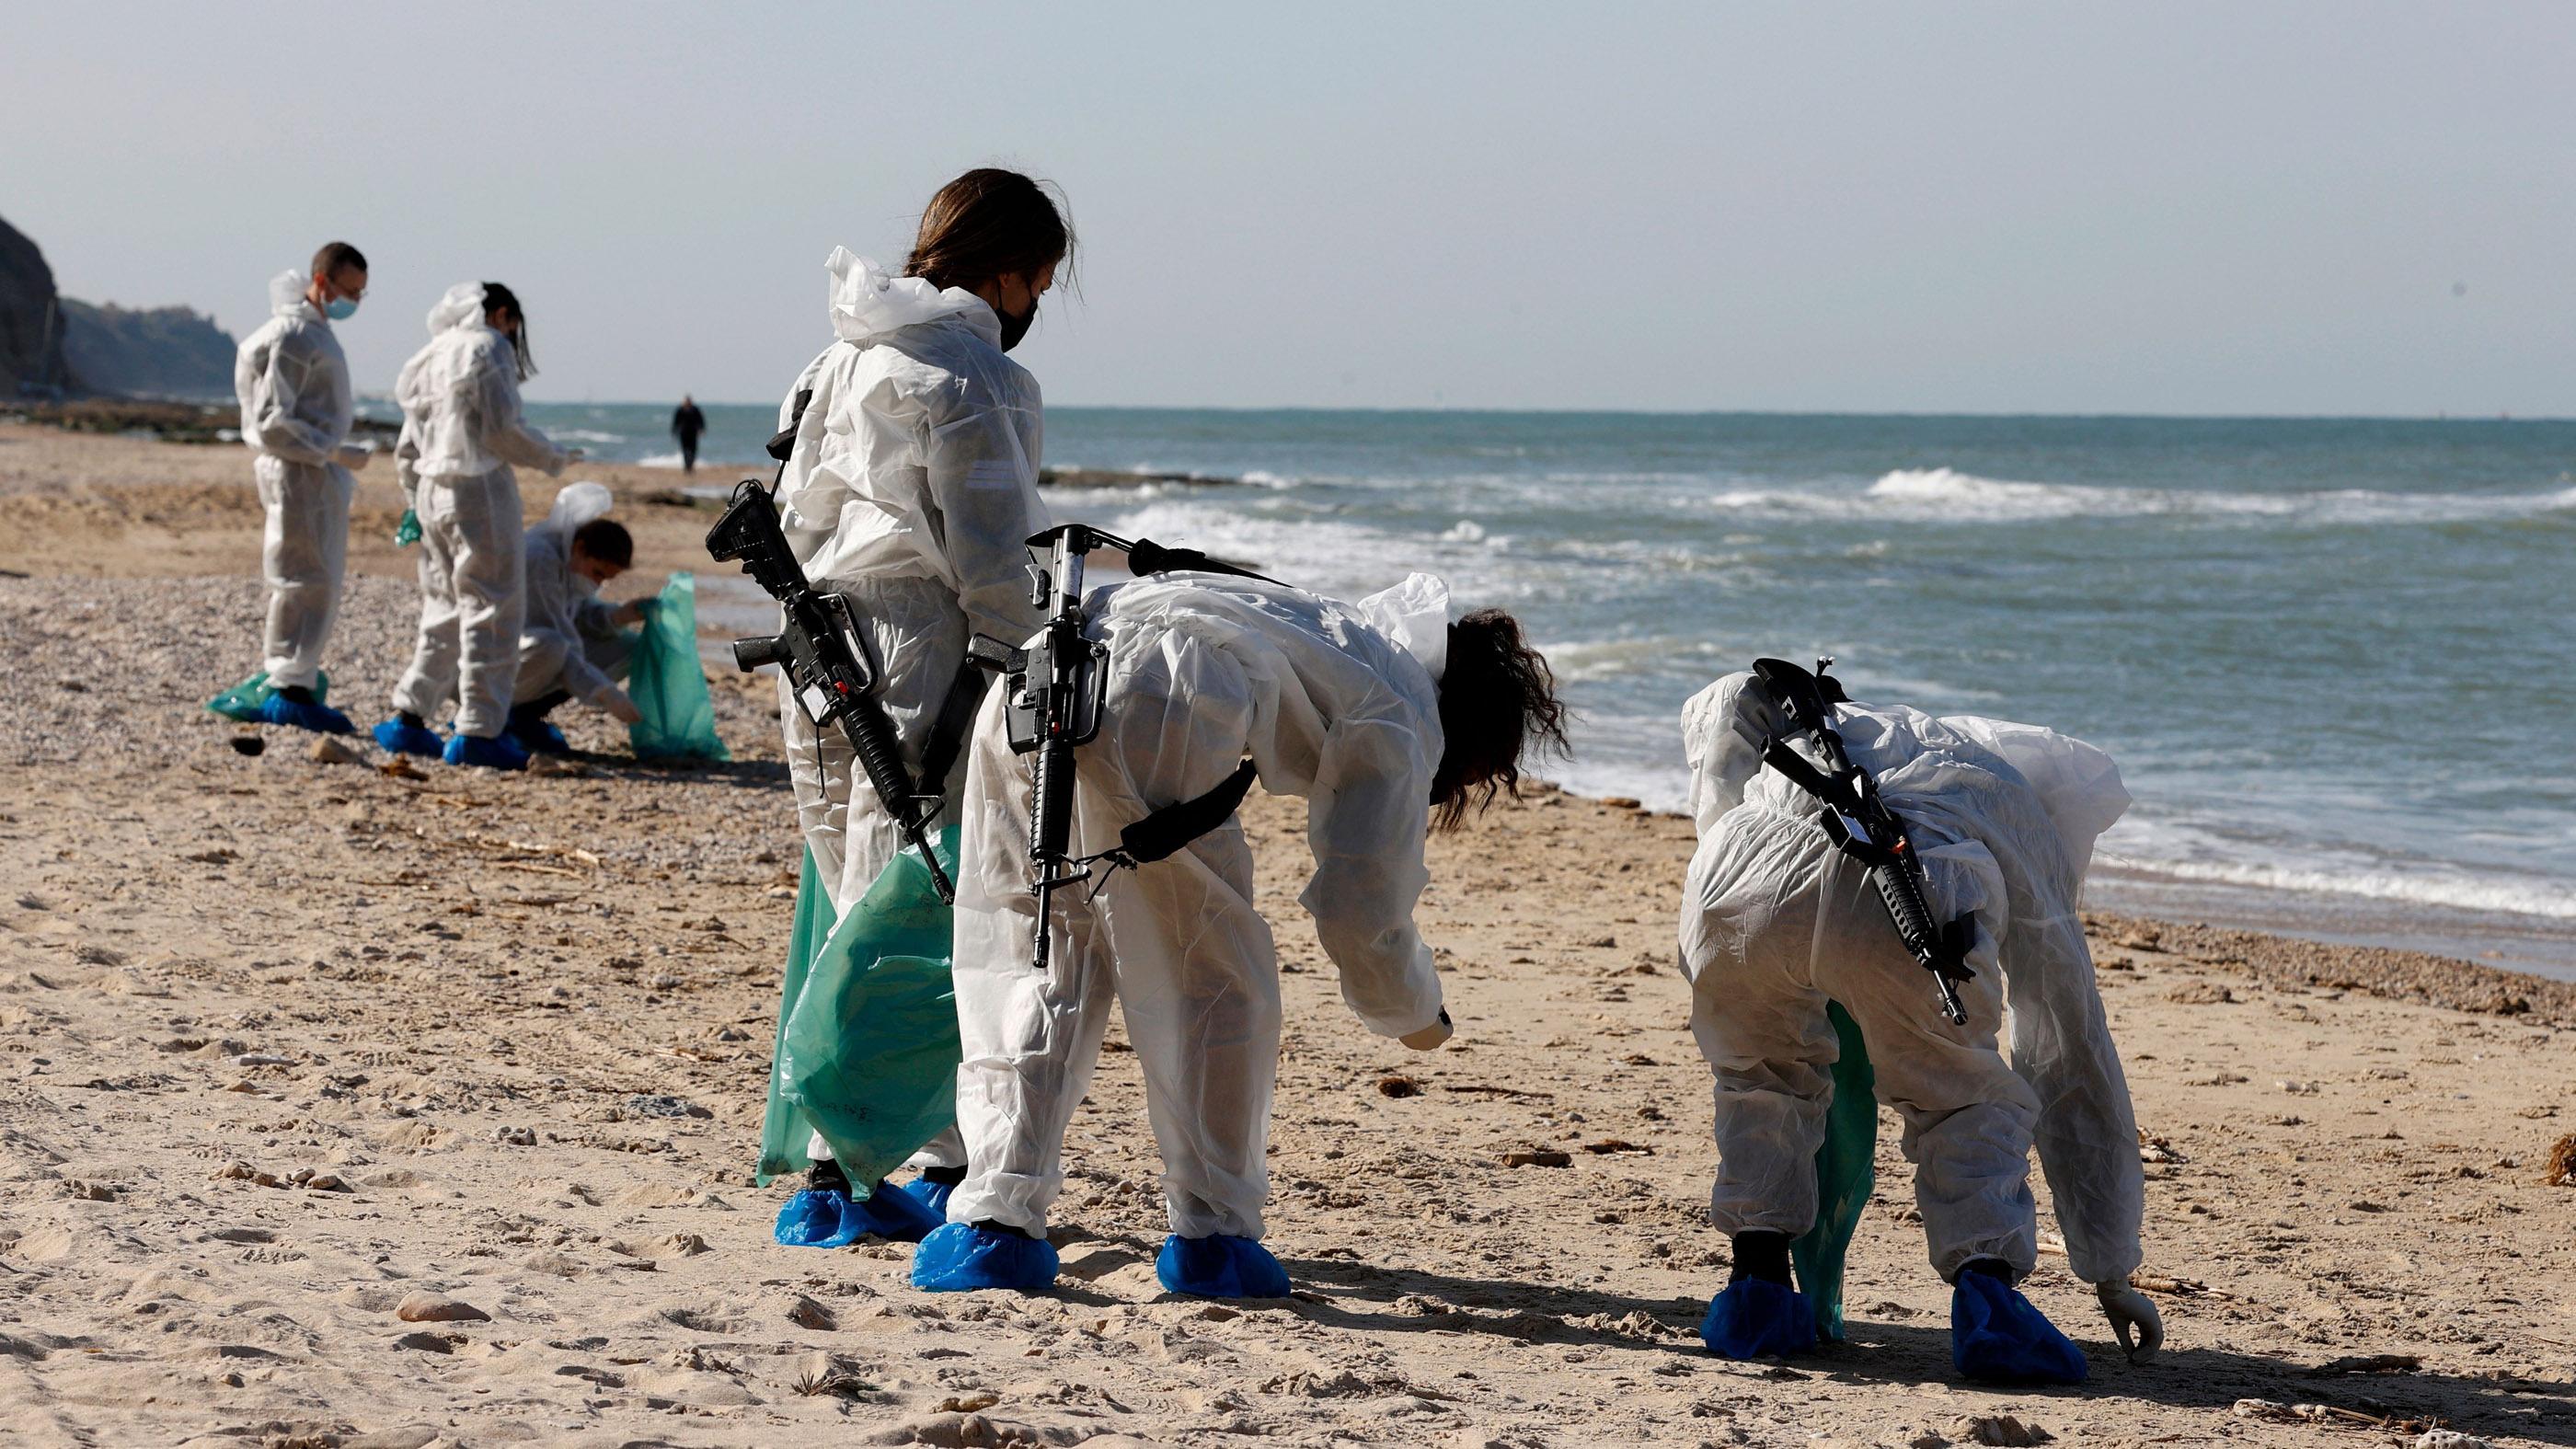 Des soldats israéliens enlèvent des boules de goudron lors de l'opération de nettoyage au parc national de Sharon Beach le 22 février.